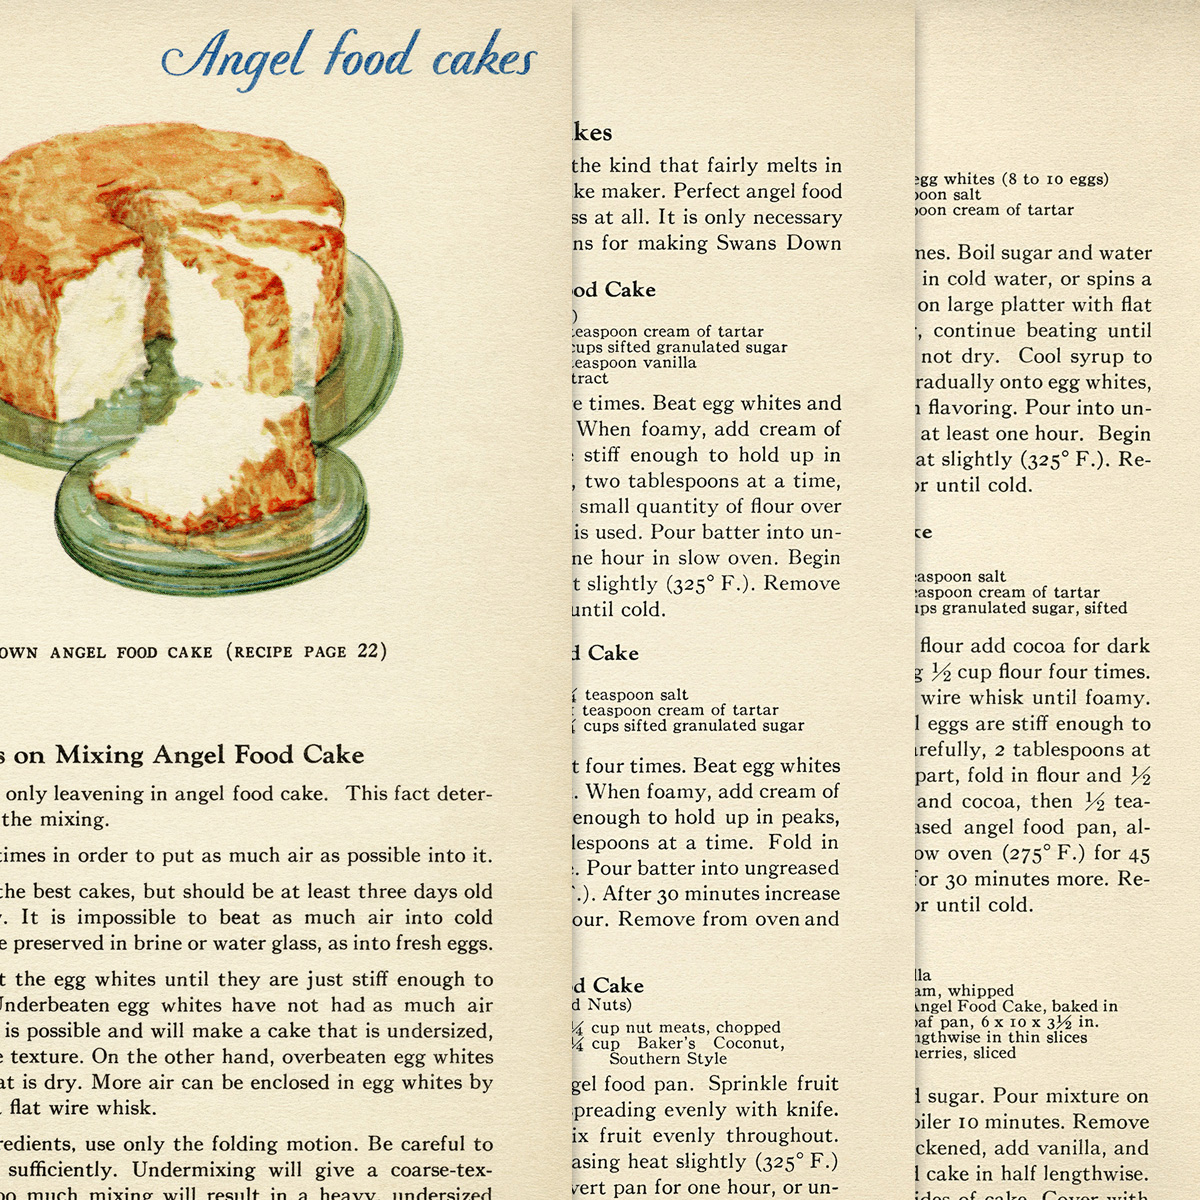 Vintage Angel Food Cake Recipes - Old Design Shop Blog